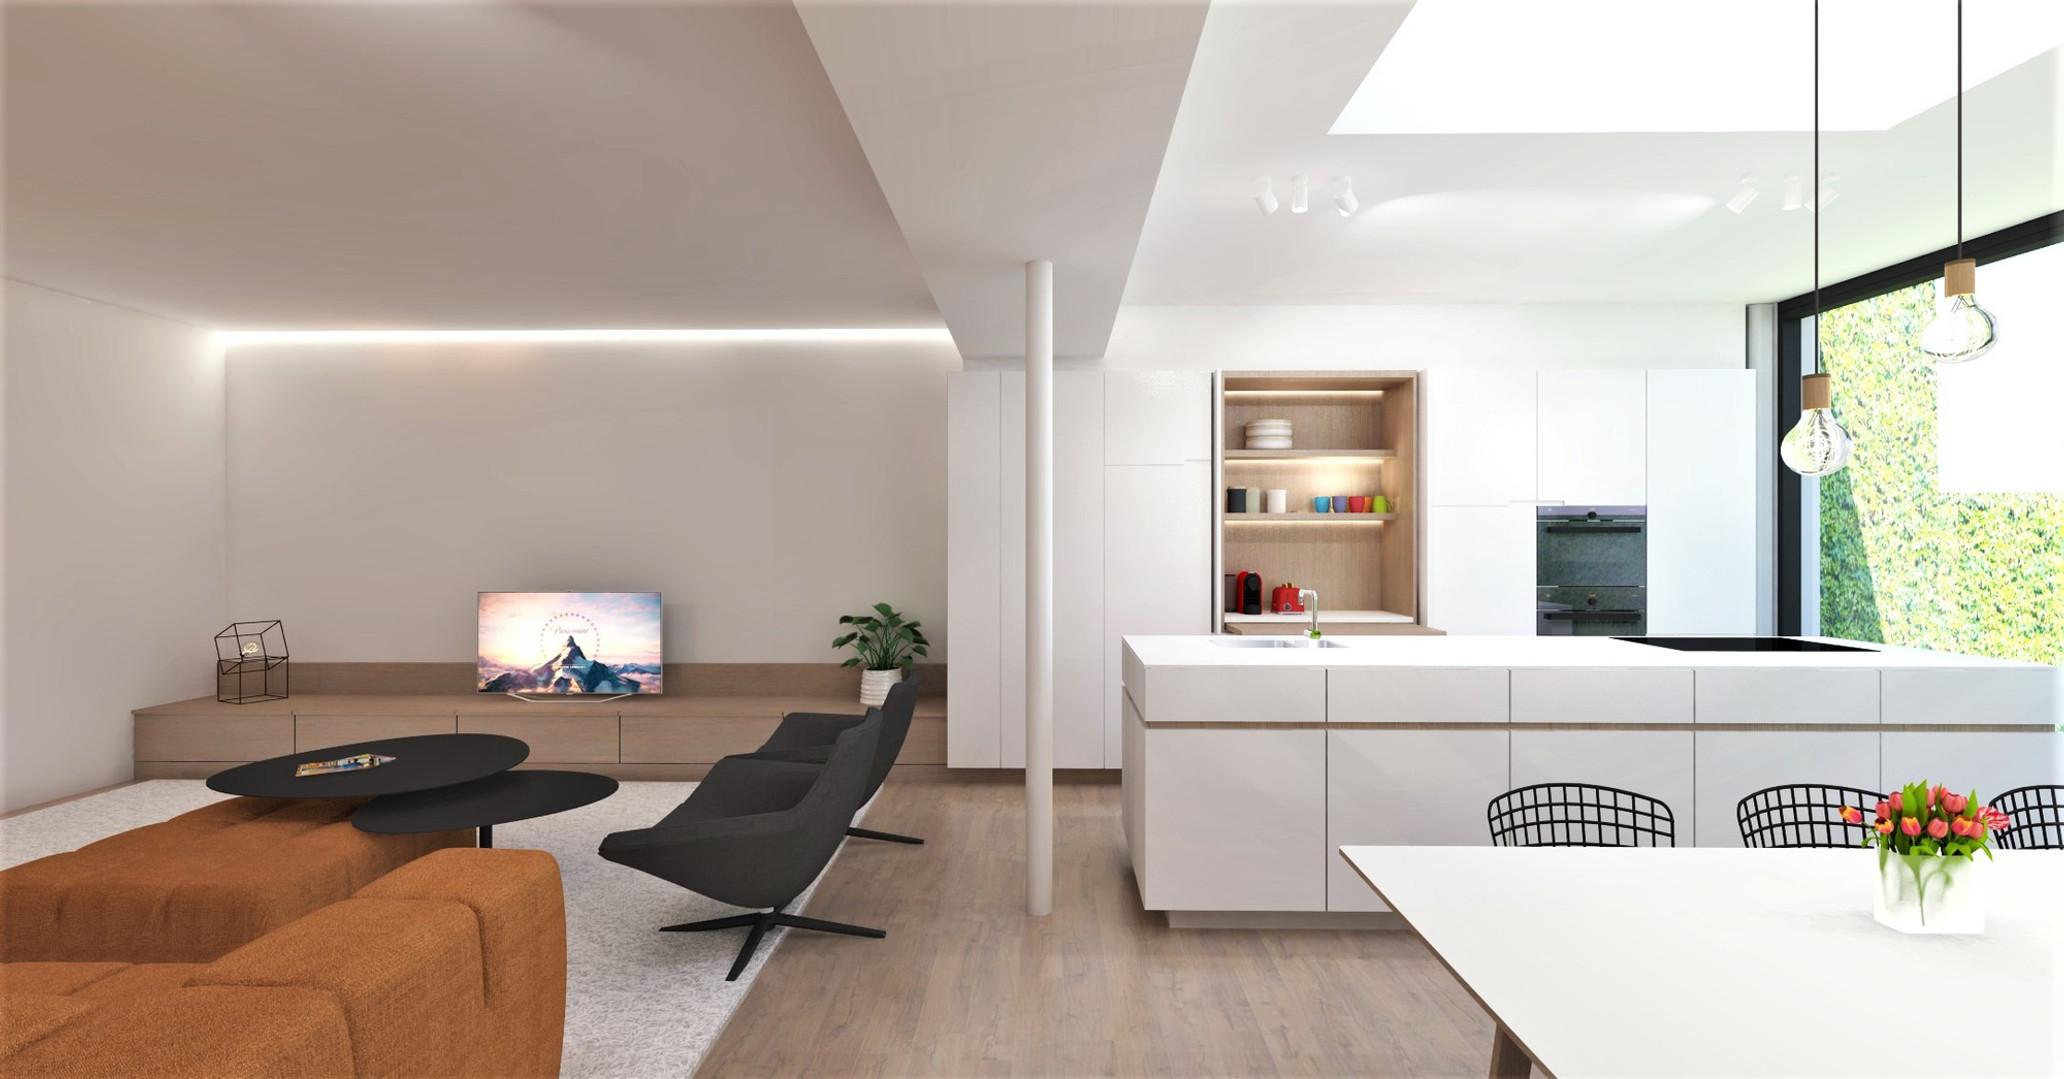 woonkamer-eetkamer-keuken.jpg